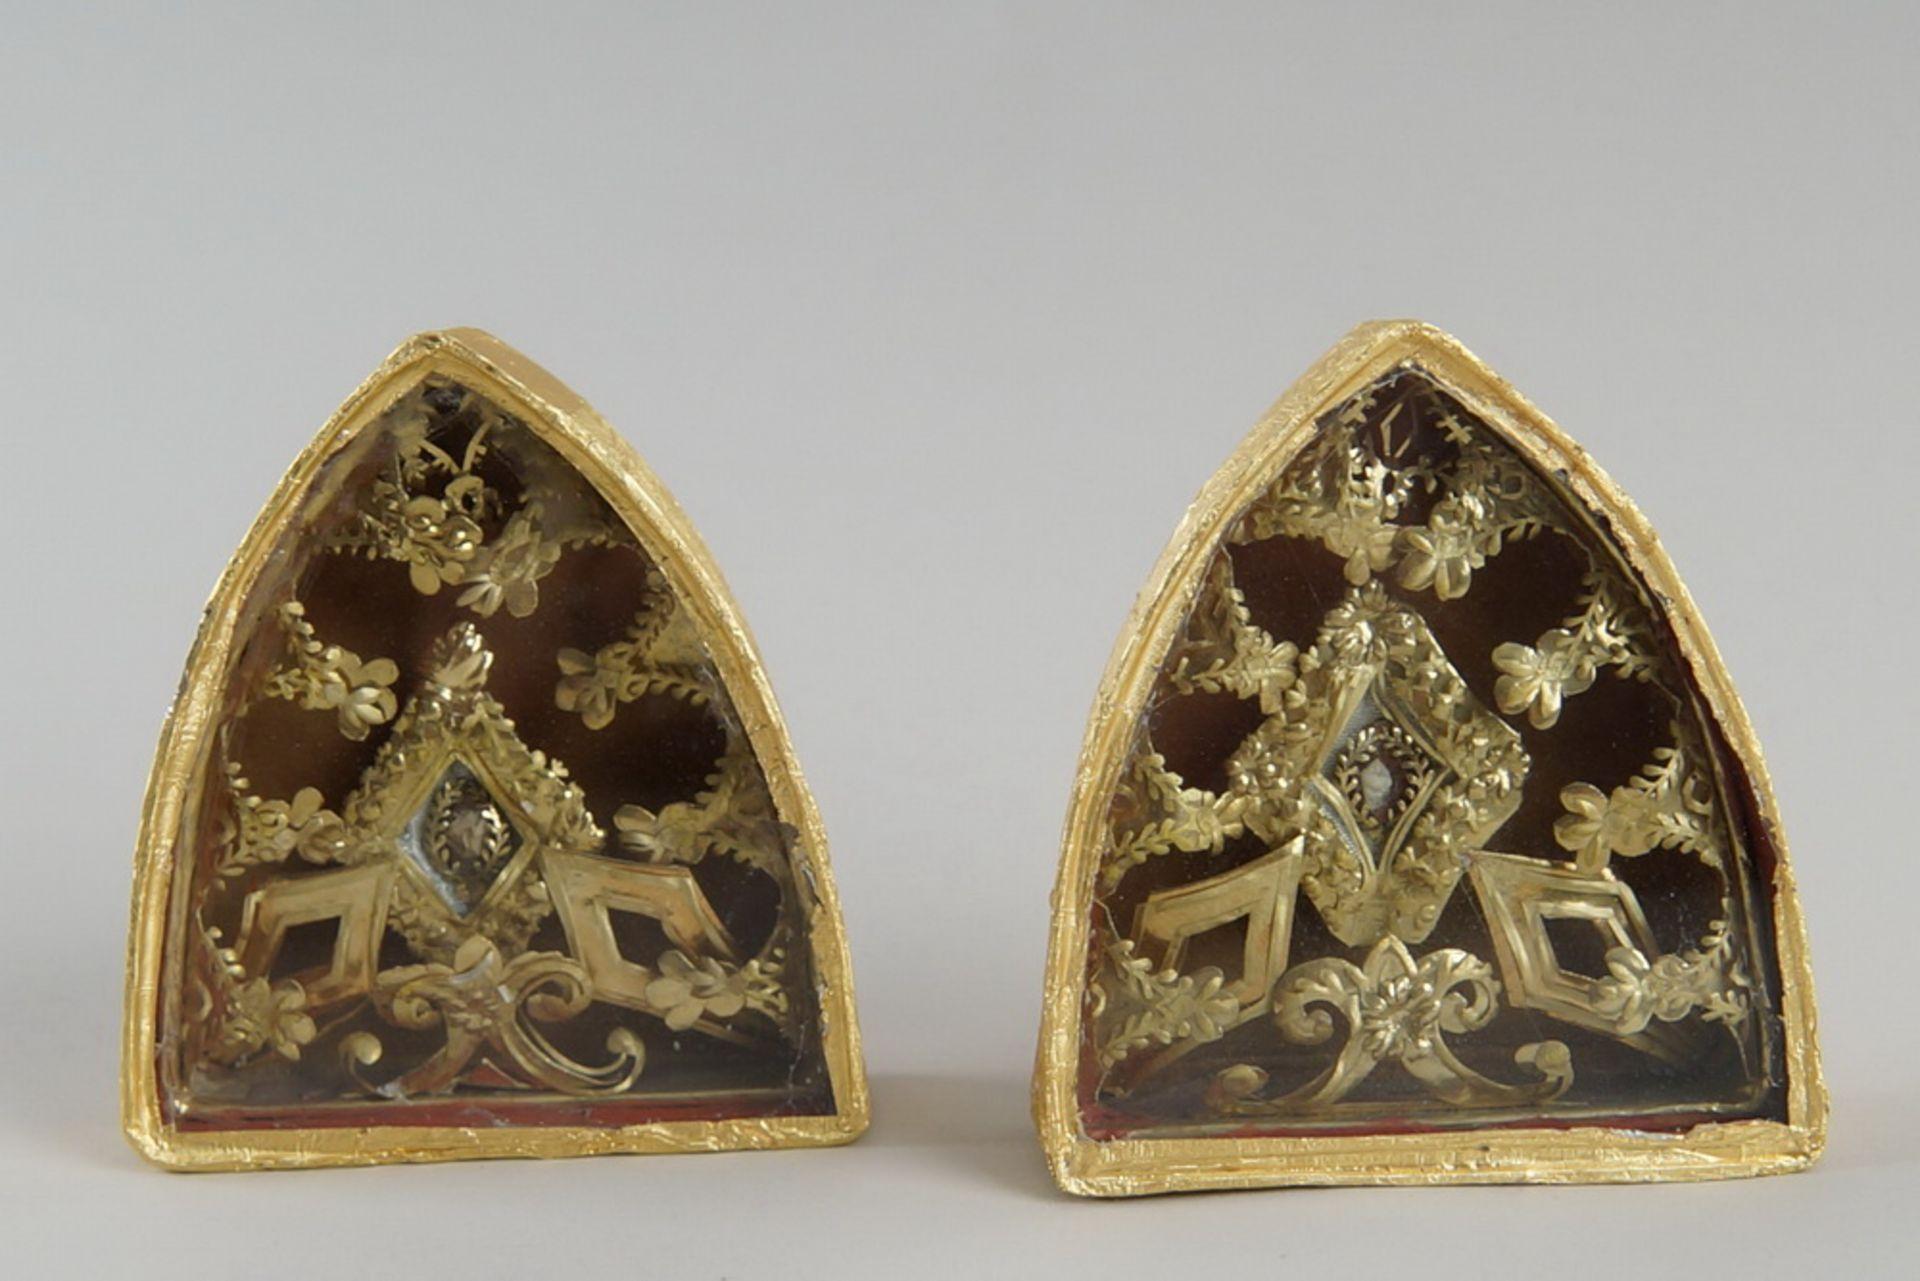 Los 22 - Zwei Klosterarbeiten / Reliquien, 9,5x9x2,5cm